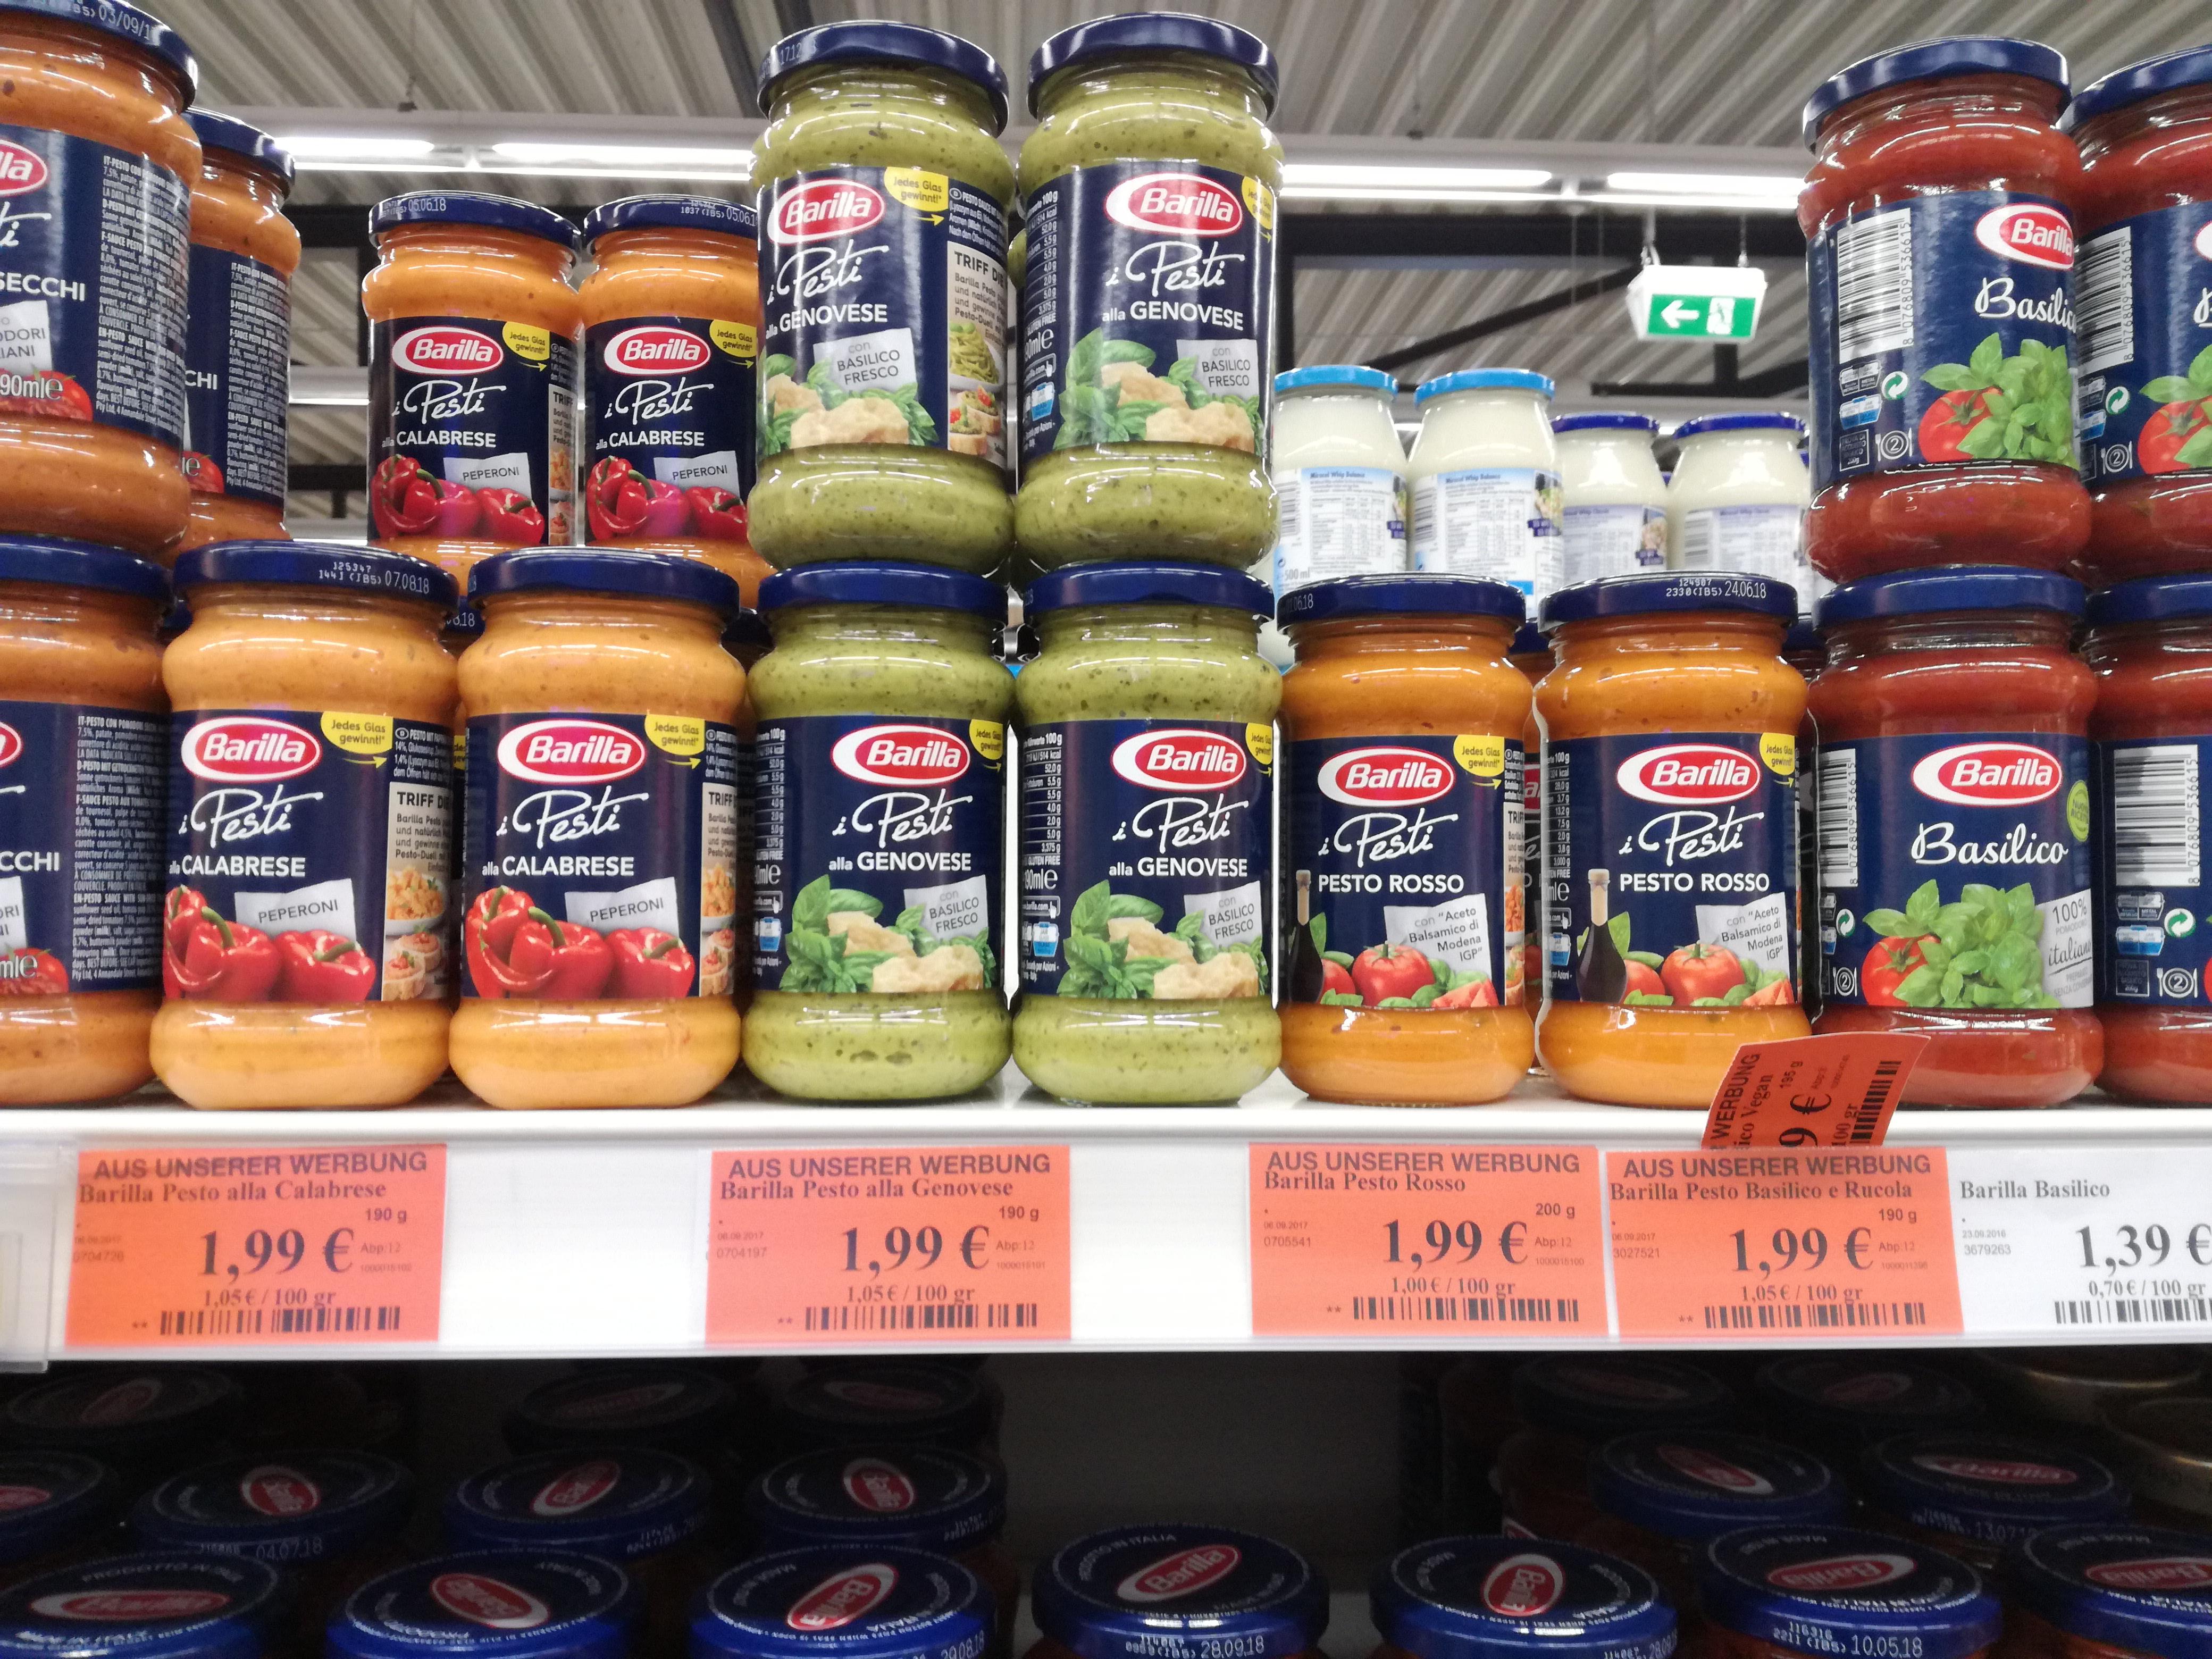 Verschiedene Pestosorten von Barilla nur 1,99€ bei K+K